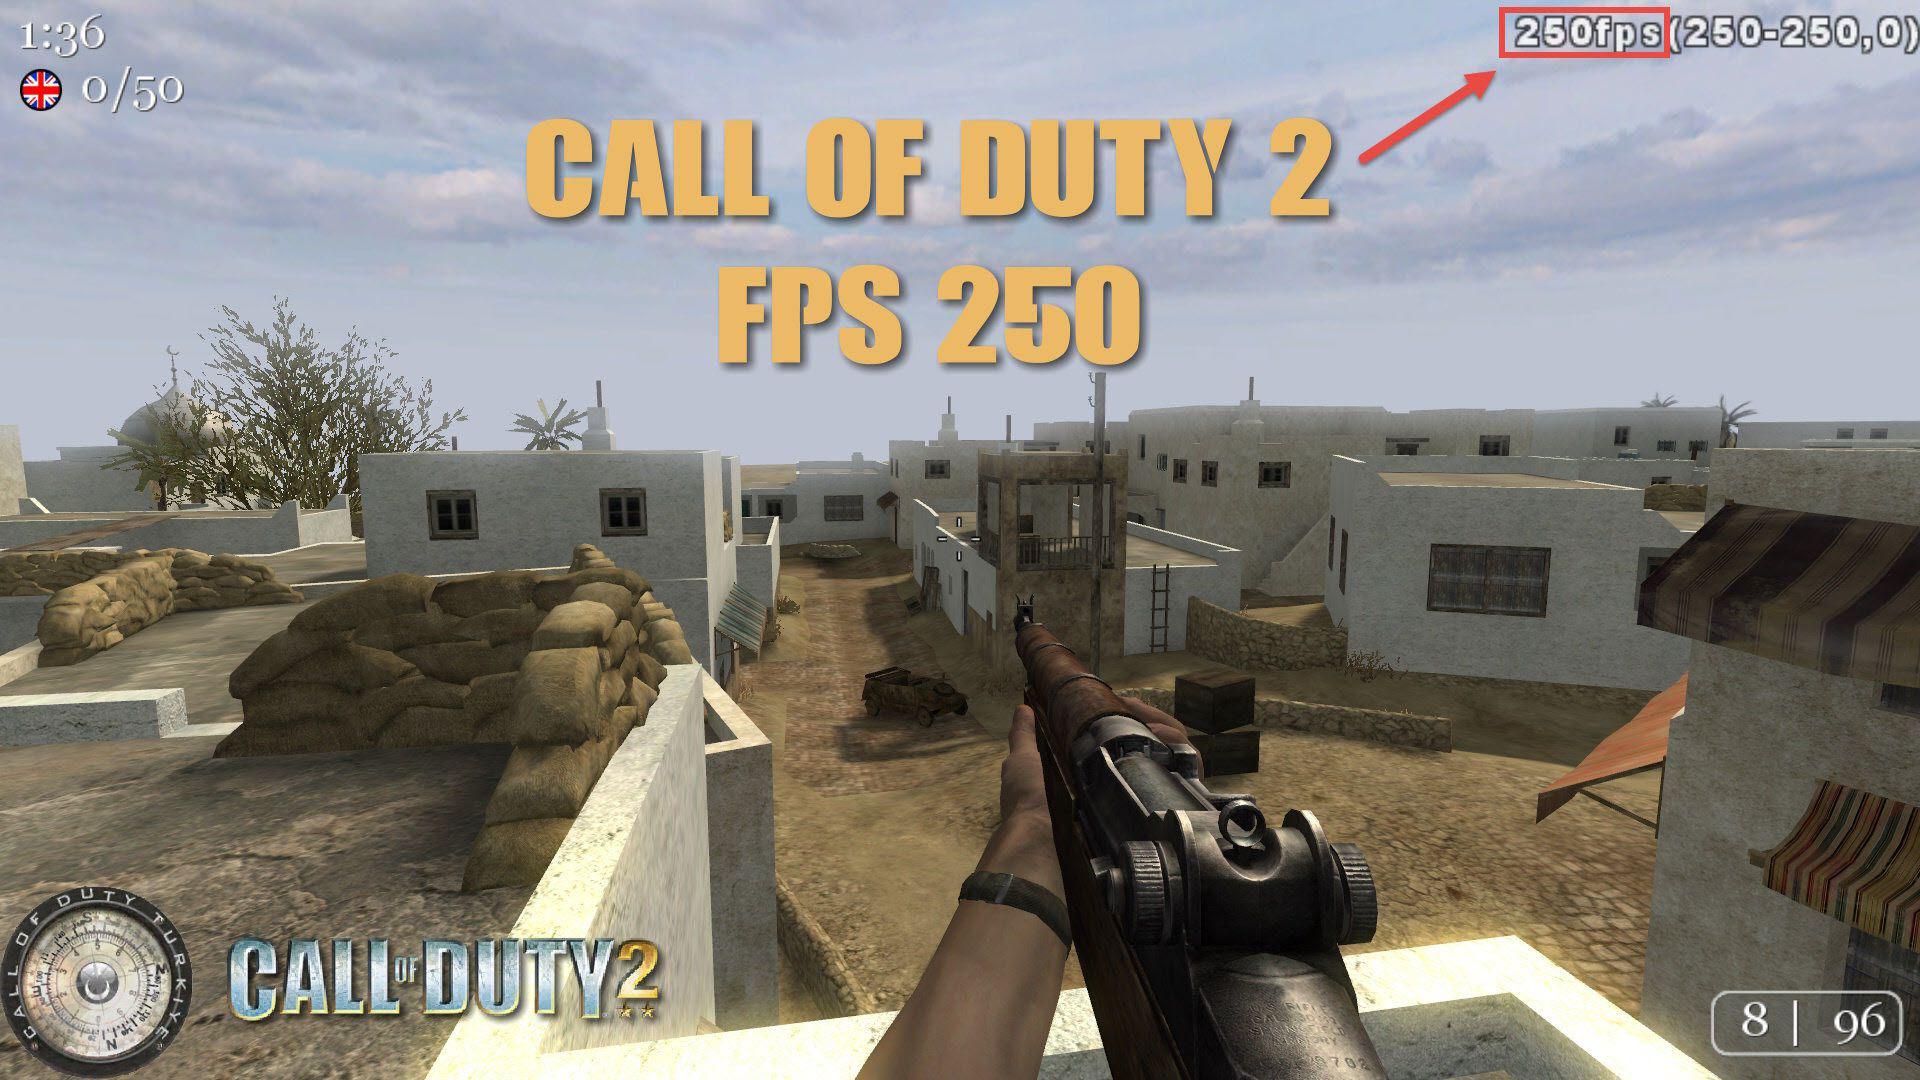 Call of Duty 2 FPS Ayarı Yapılmış 1920x1080 Ekran Çözünürlüğündeki Oyuna Ait Görüntü